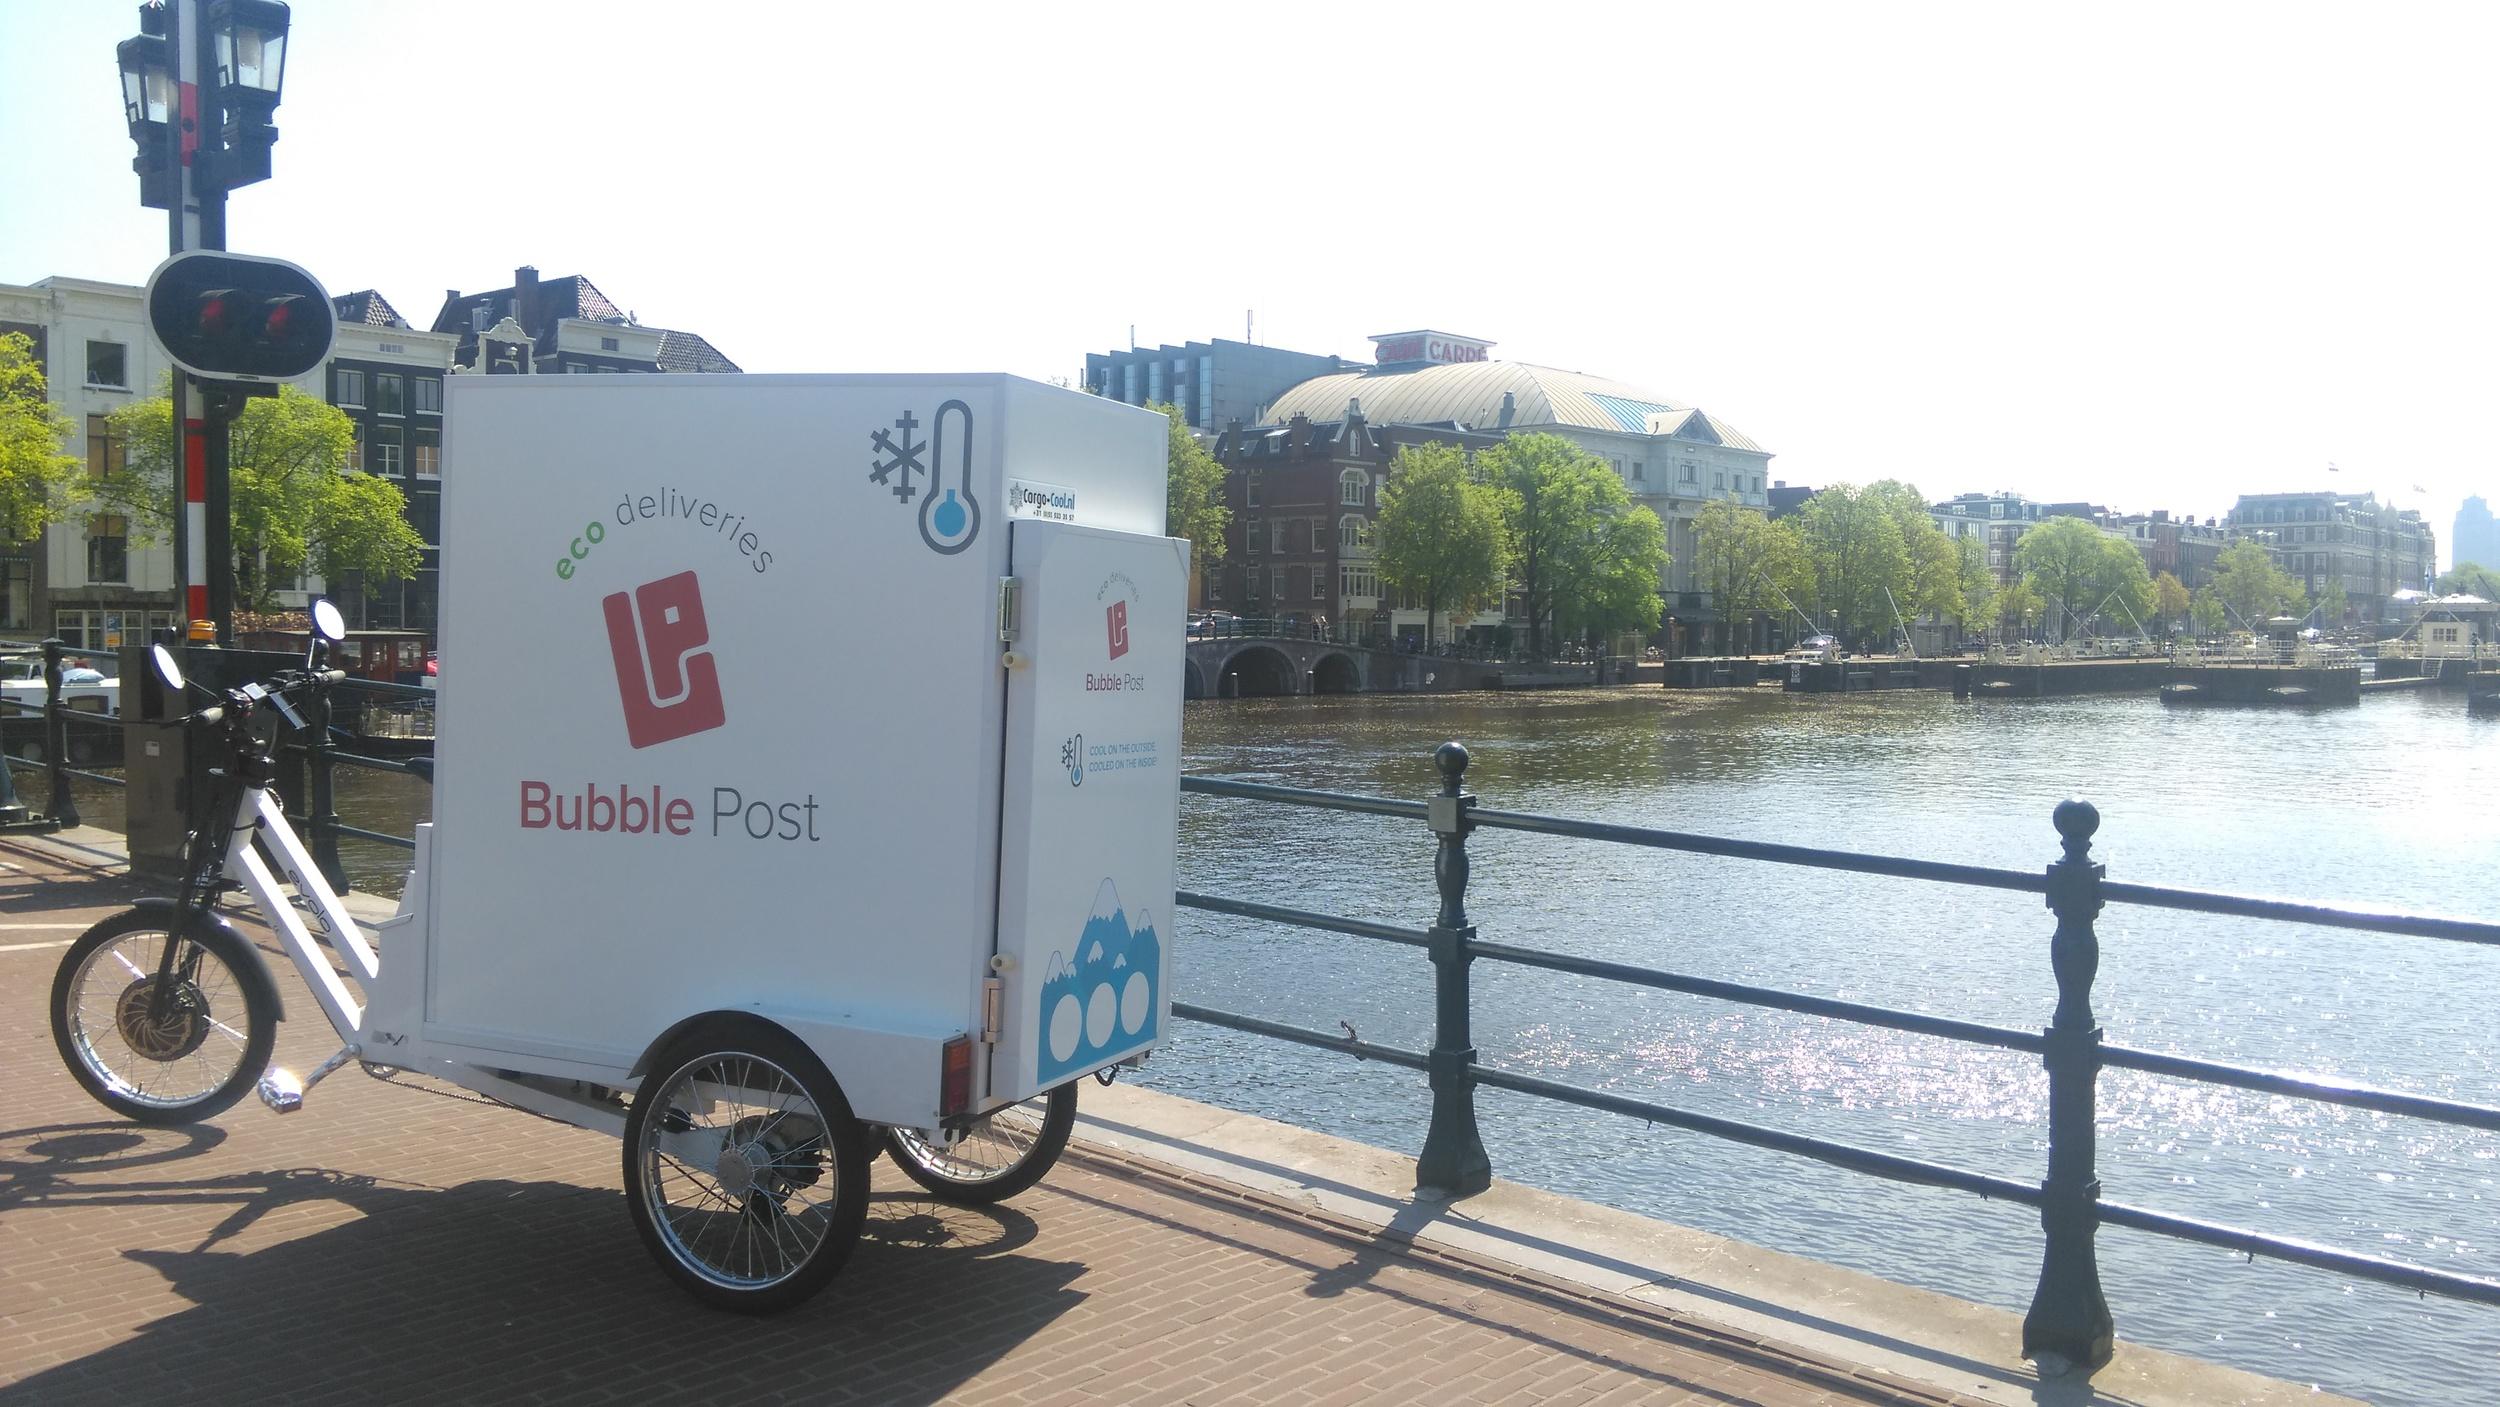 Bubble Post unveils cool cargo bikes